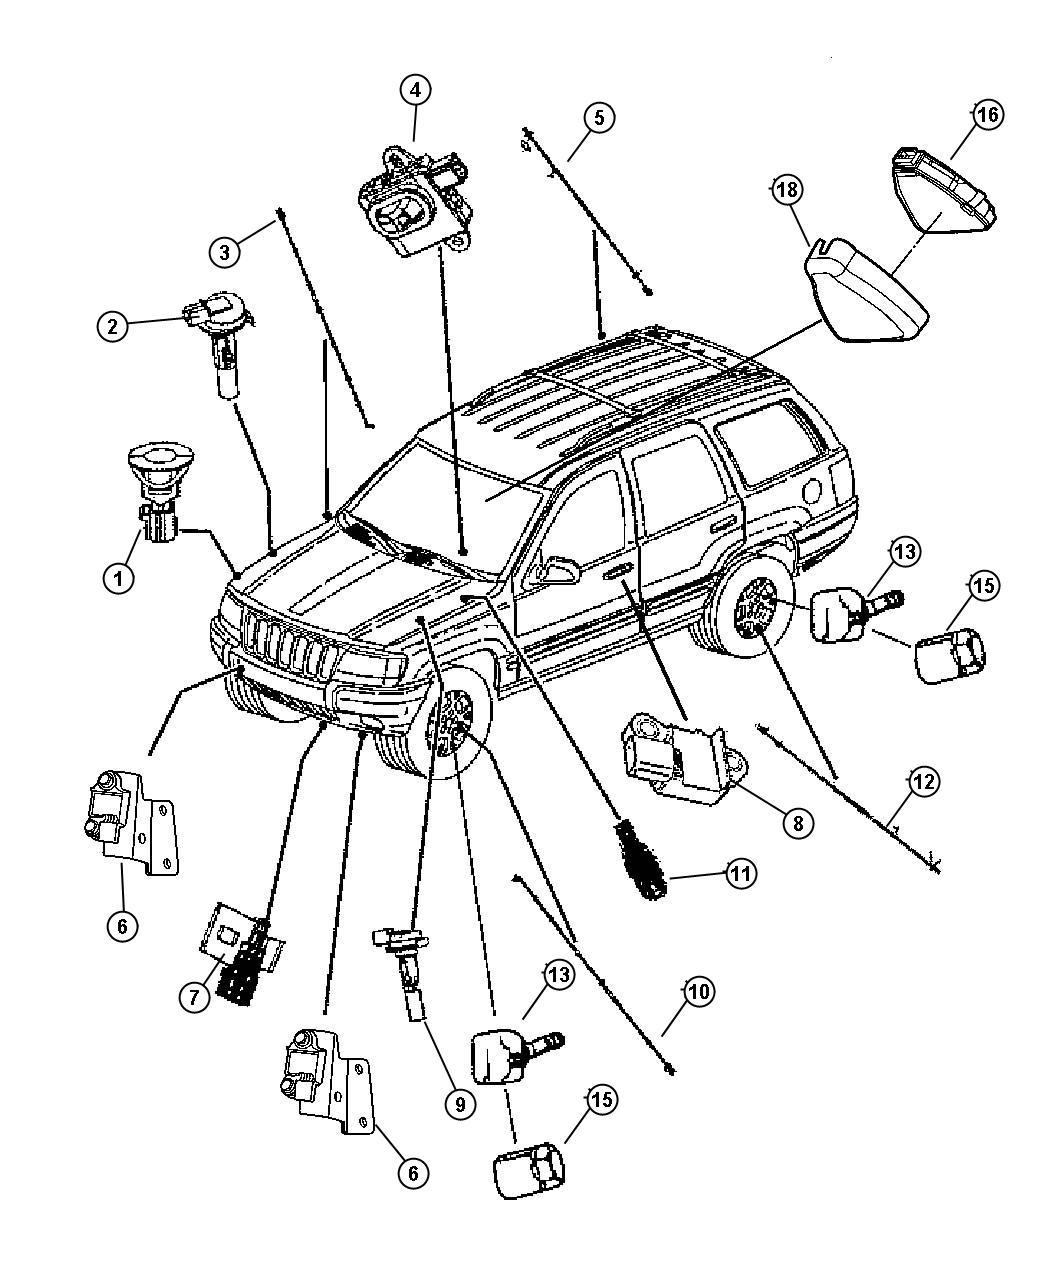 ShowAssembly on Jeep Cherokee Battery Temperature Sensor